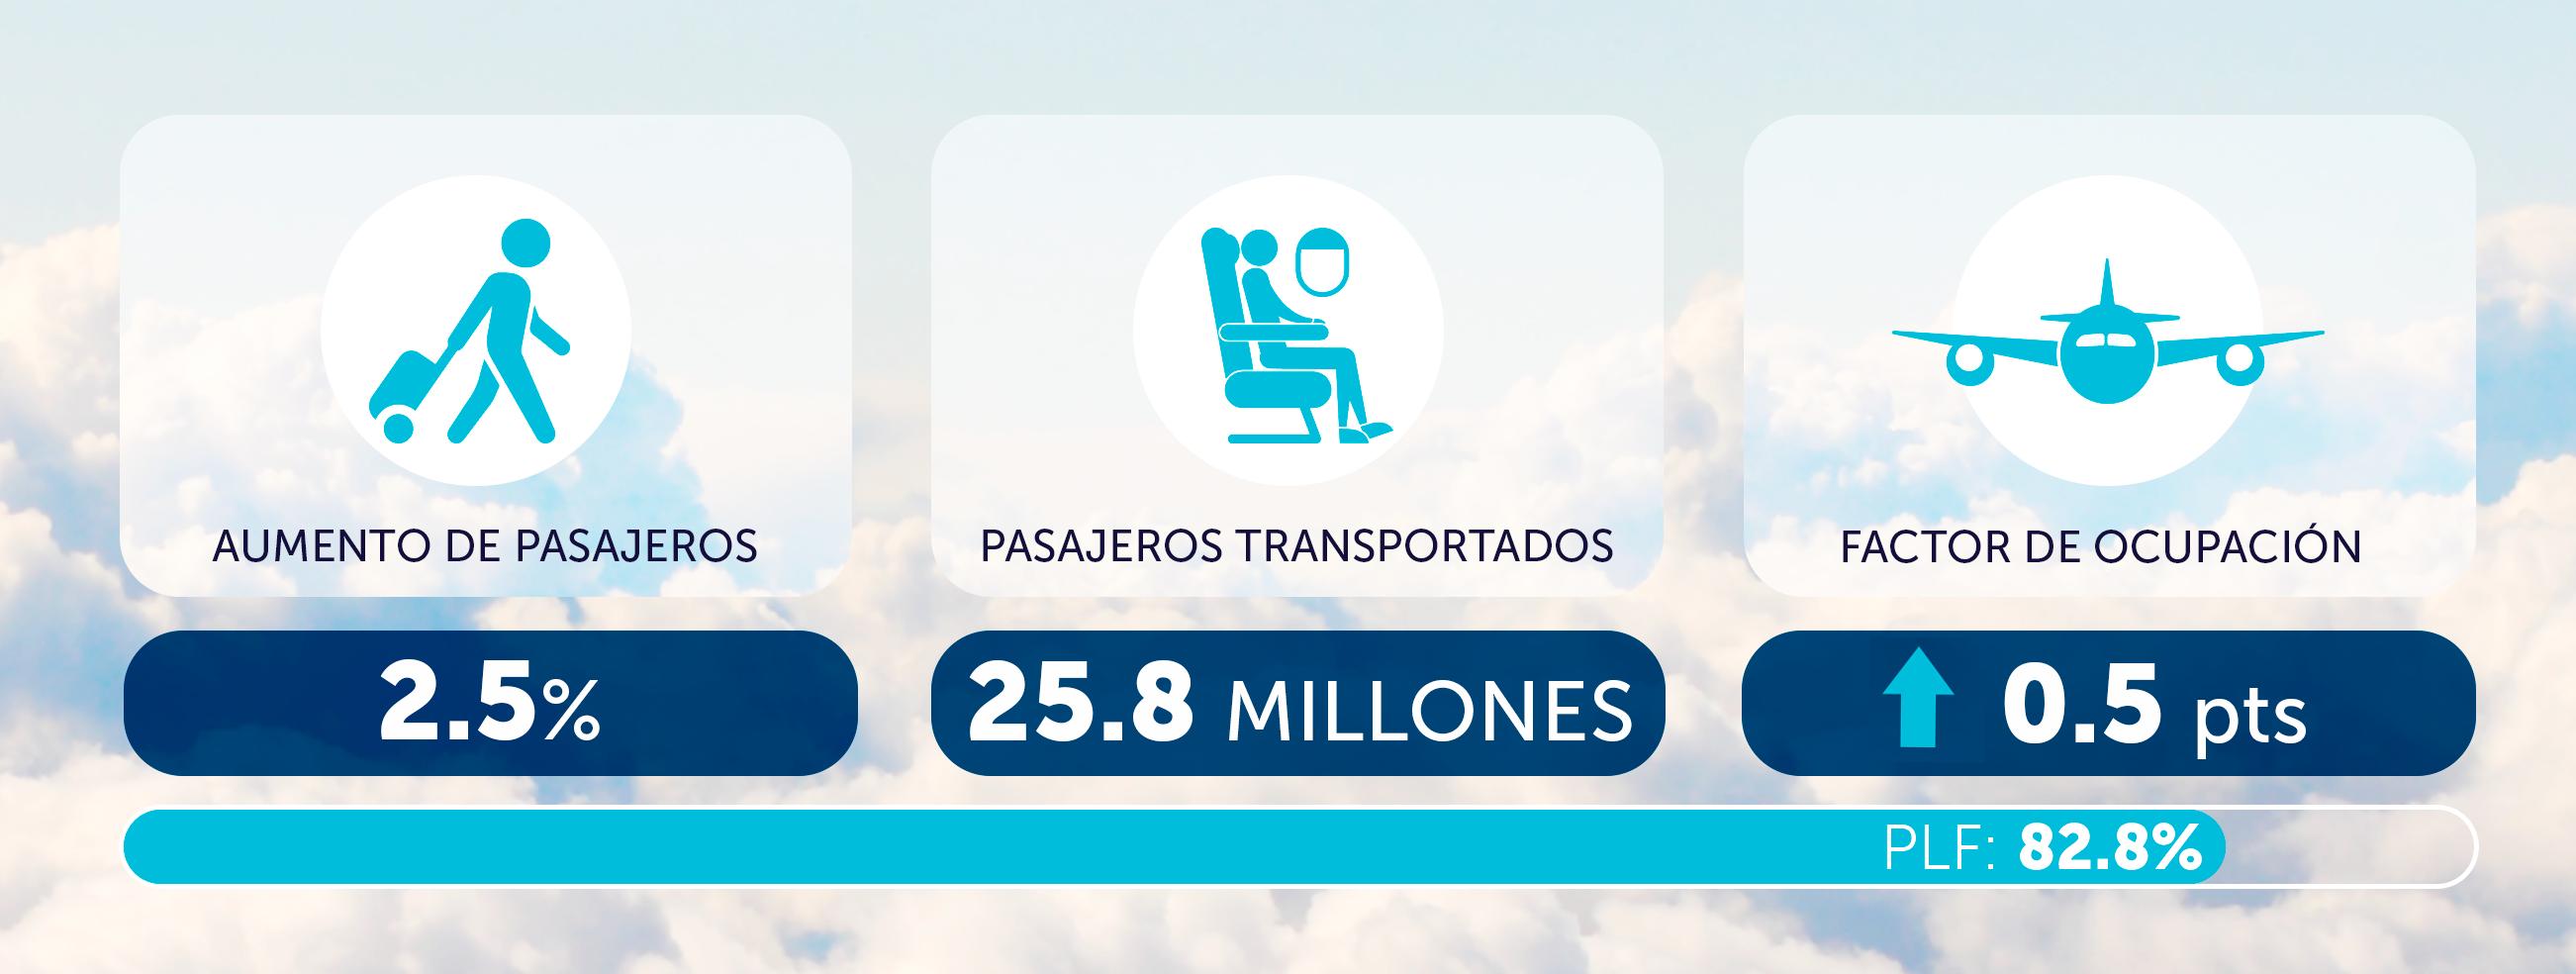 Tráfego de passageiros das companhias aéreas da América Latina e Caribe cresceu 2,5% em novembro de 2019, de acordo com relatório da ALTA